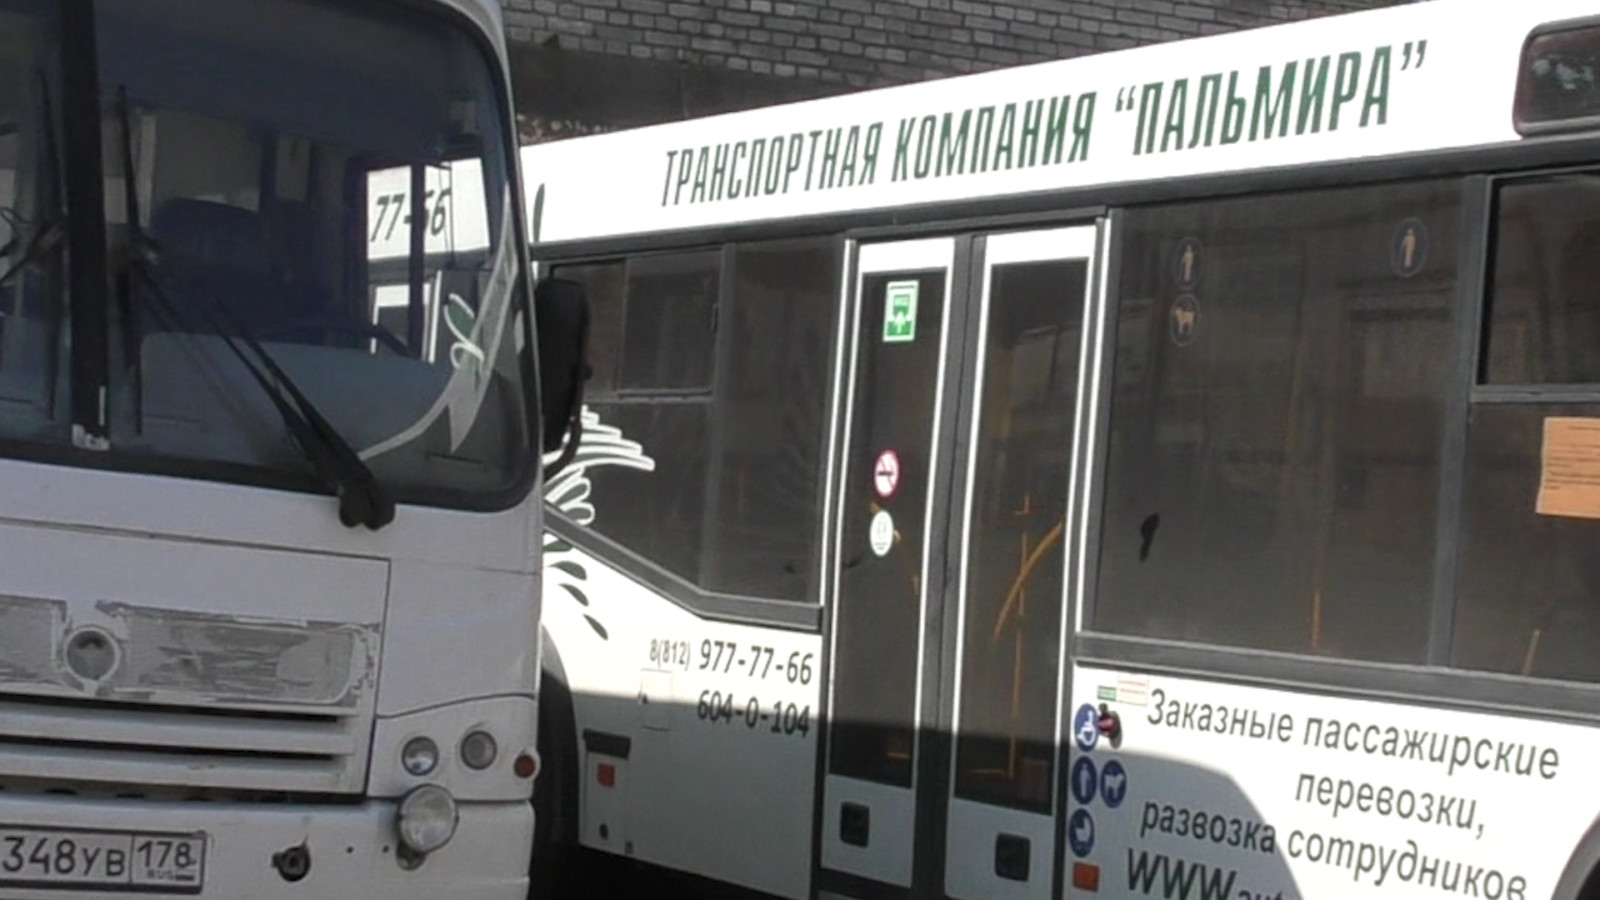 Пупышевских садоводов лишили транспортного снабжения